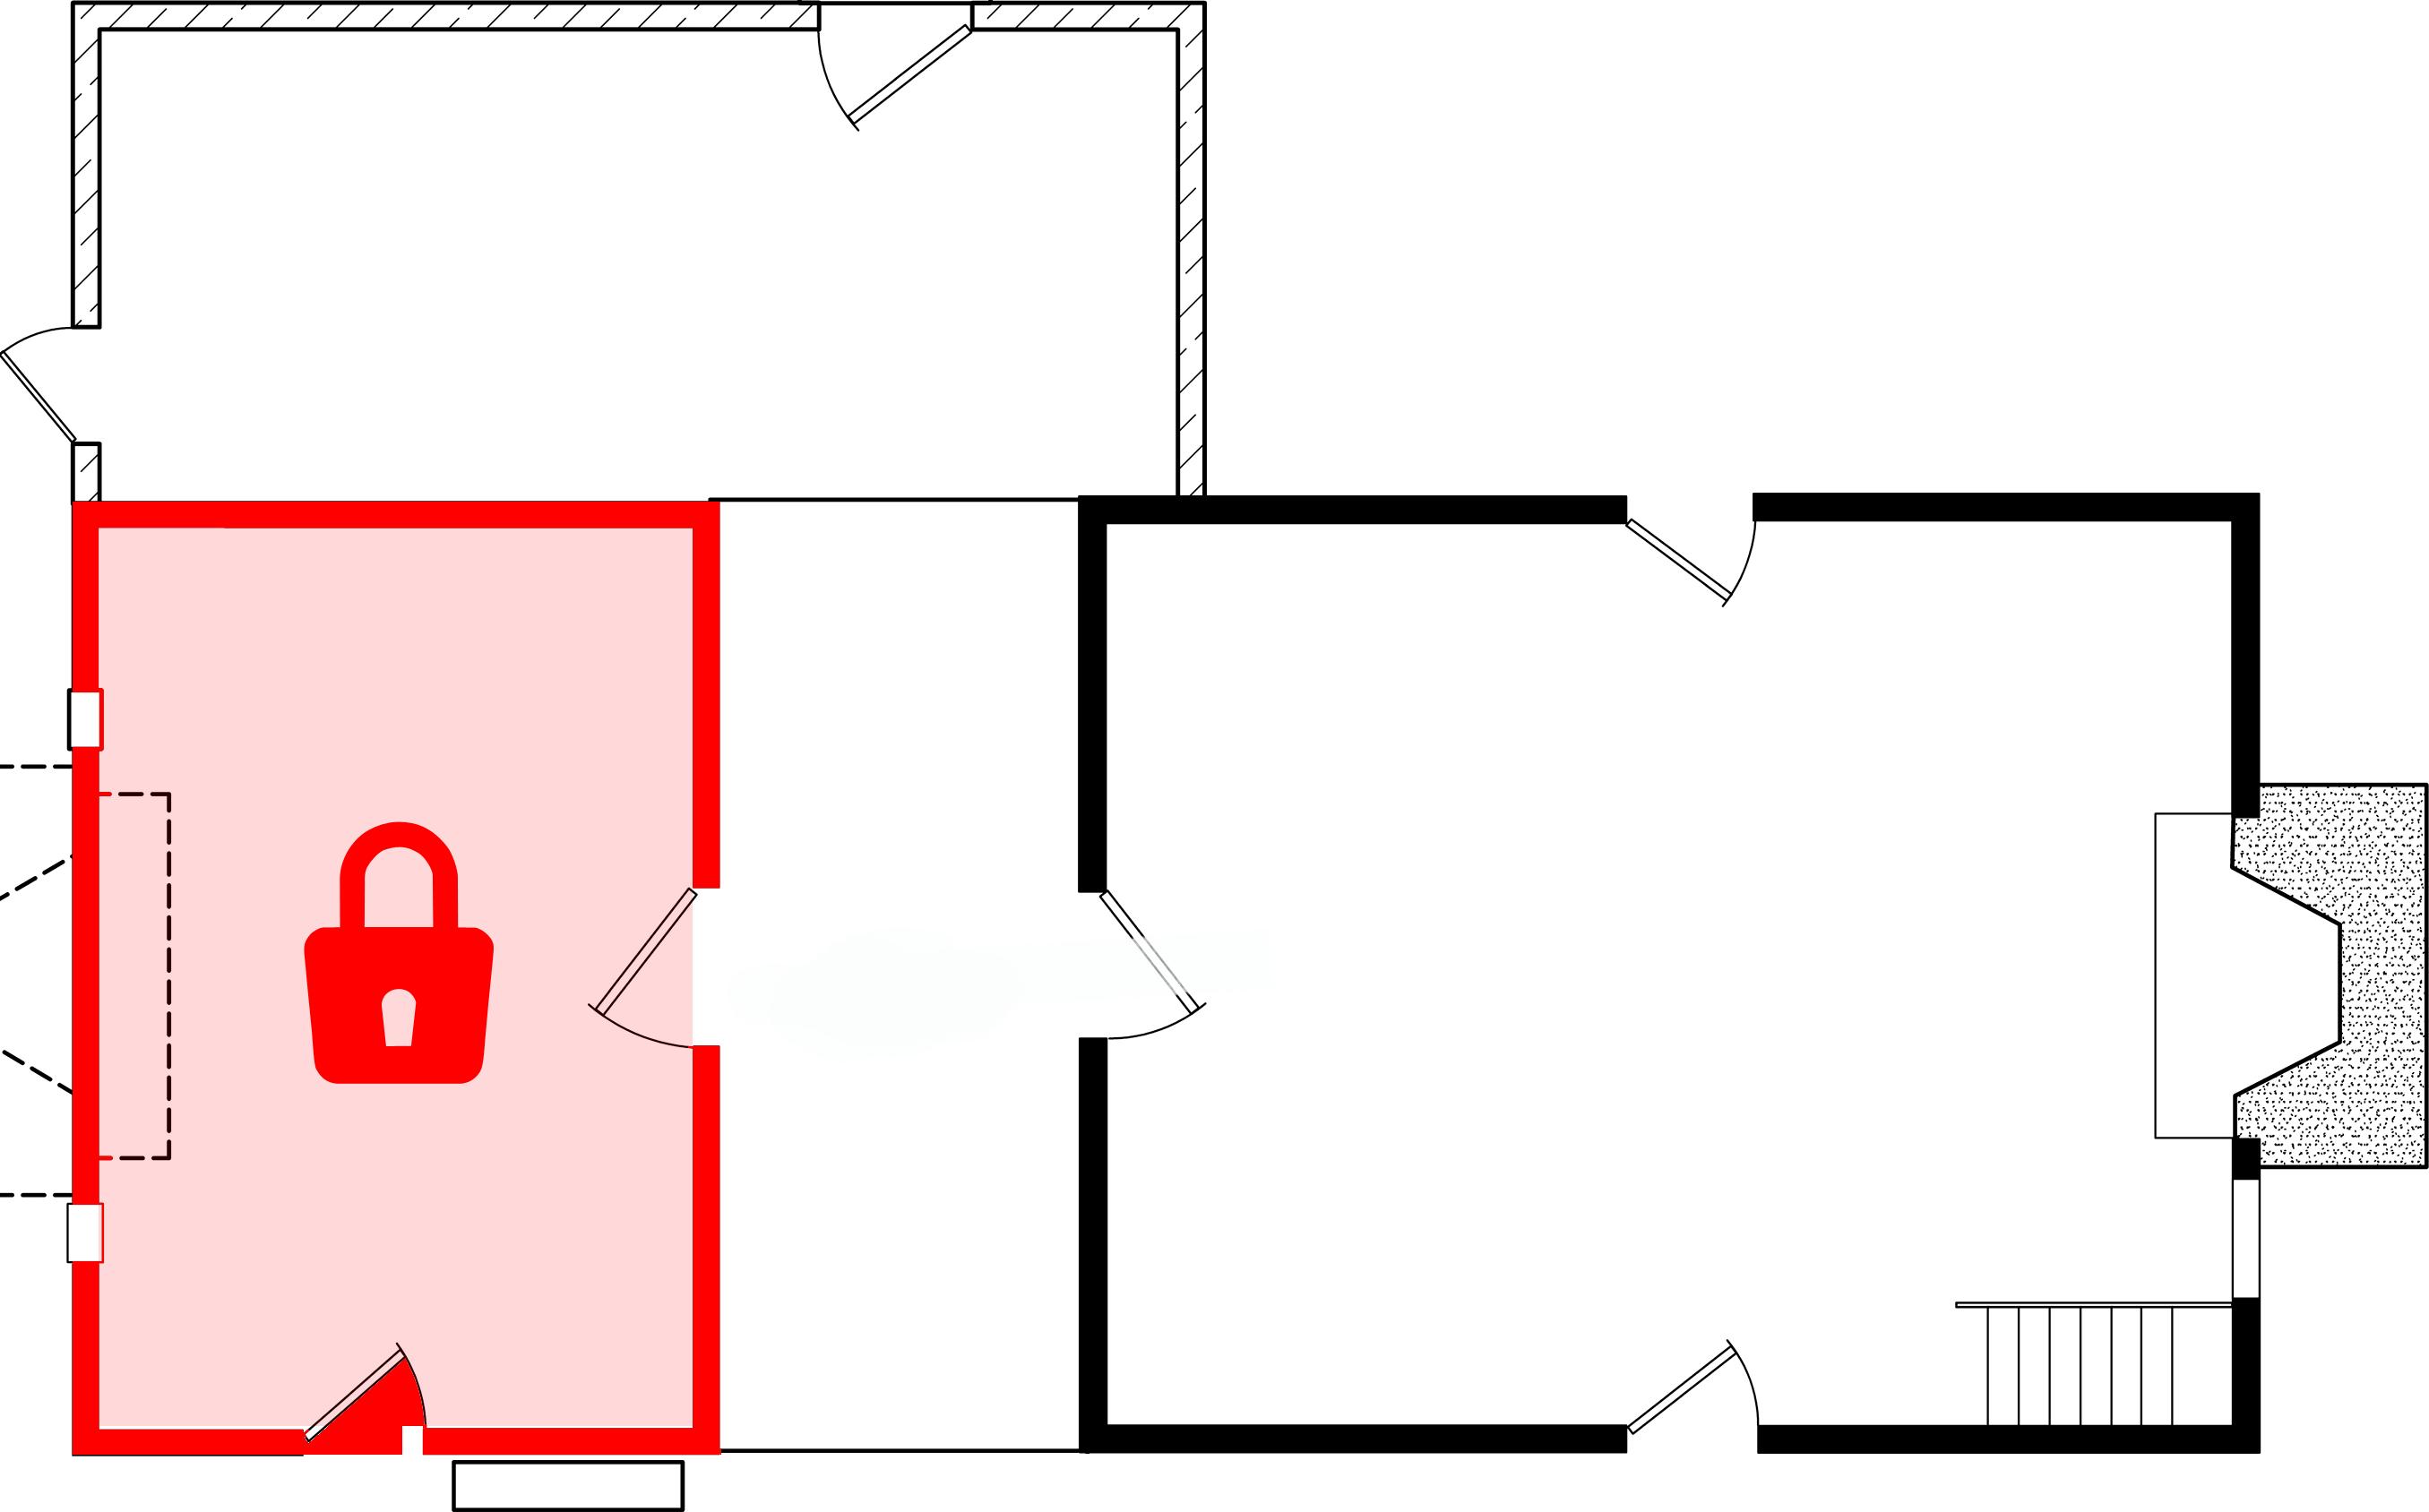 Docházkový systém řešící přístup do objektu